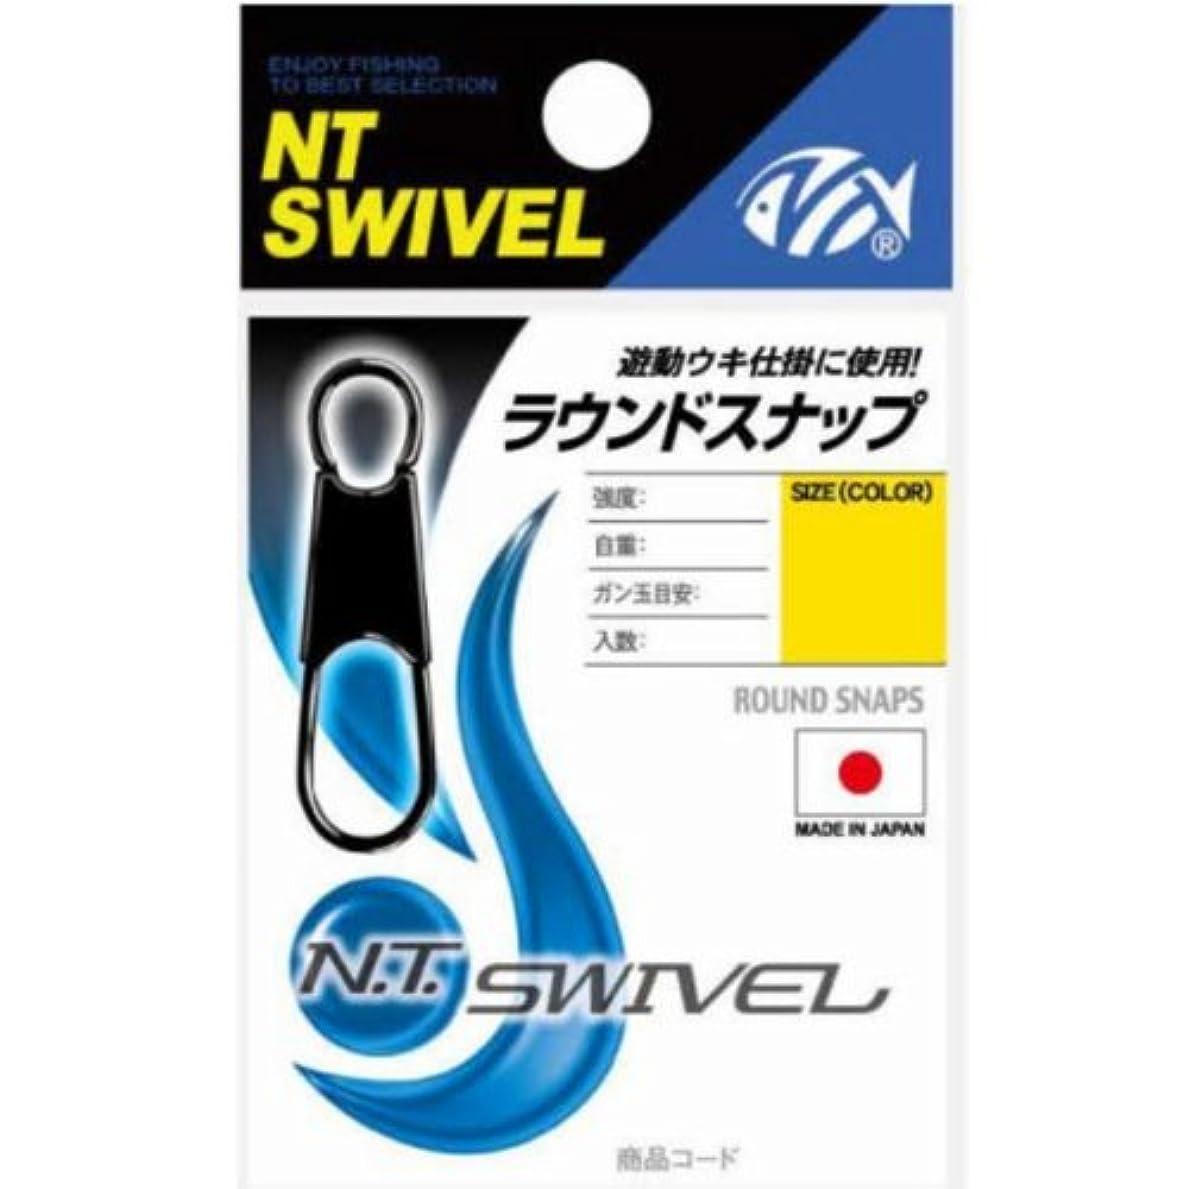 スピン無力アンプNTスイベル(N.T.SWIVEL) ラウンドスナップ クロ #1